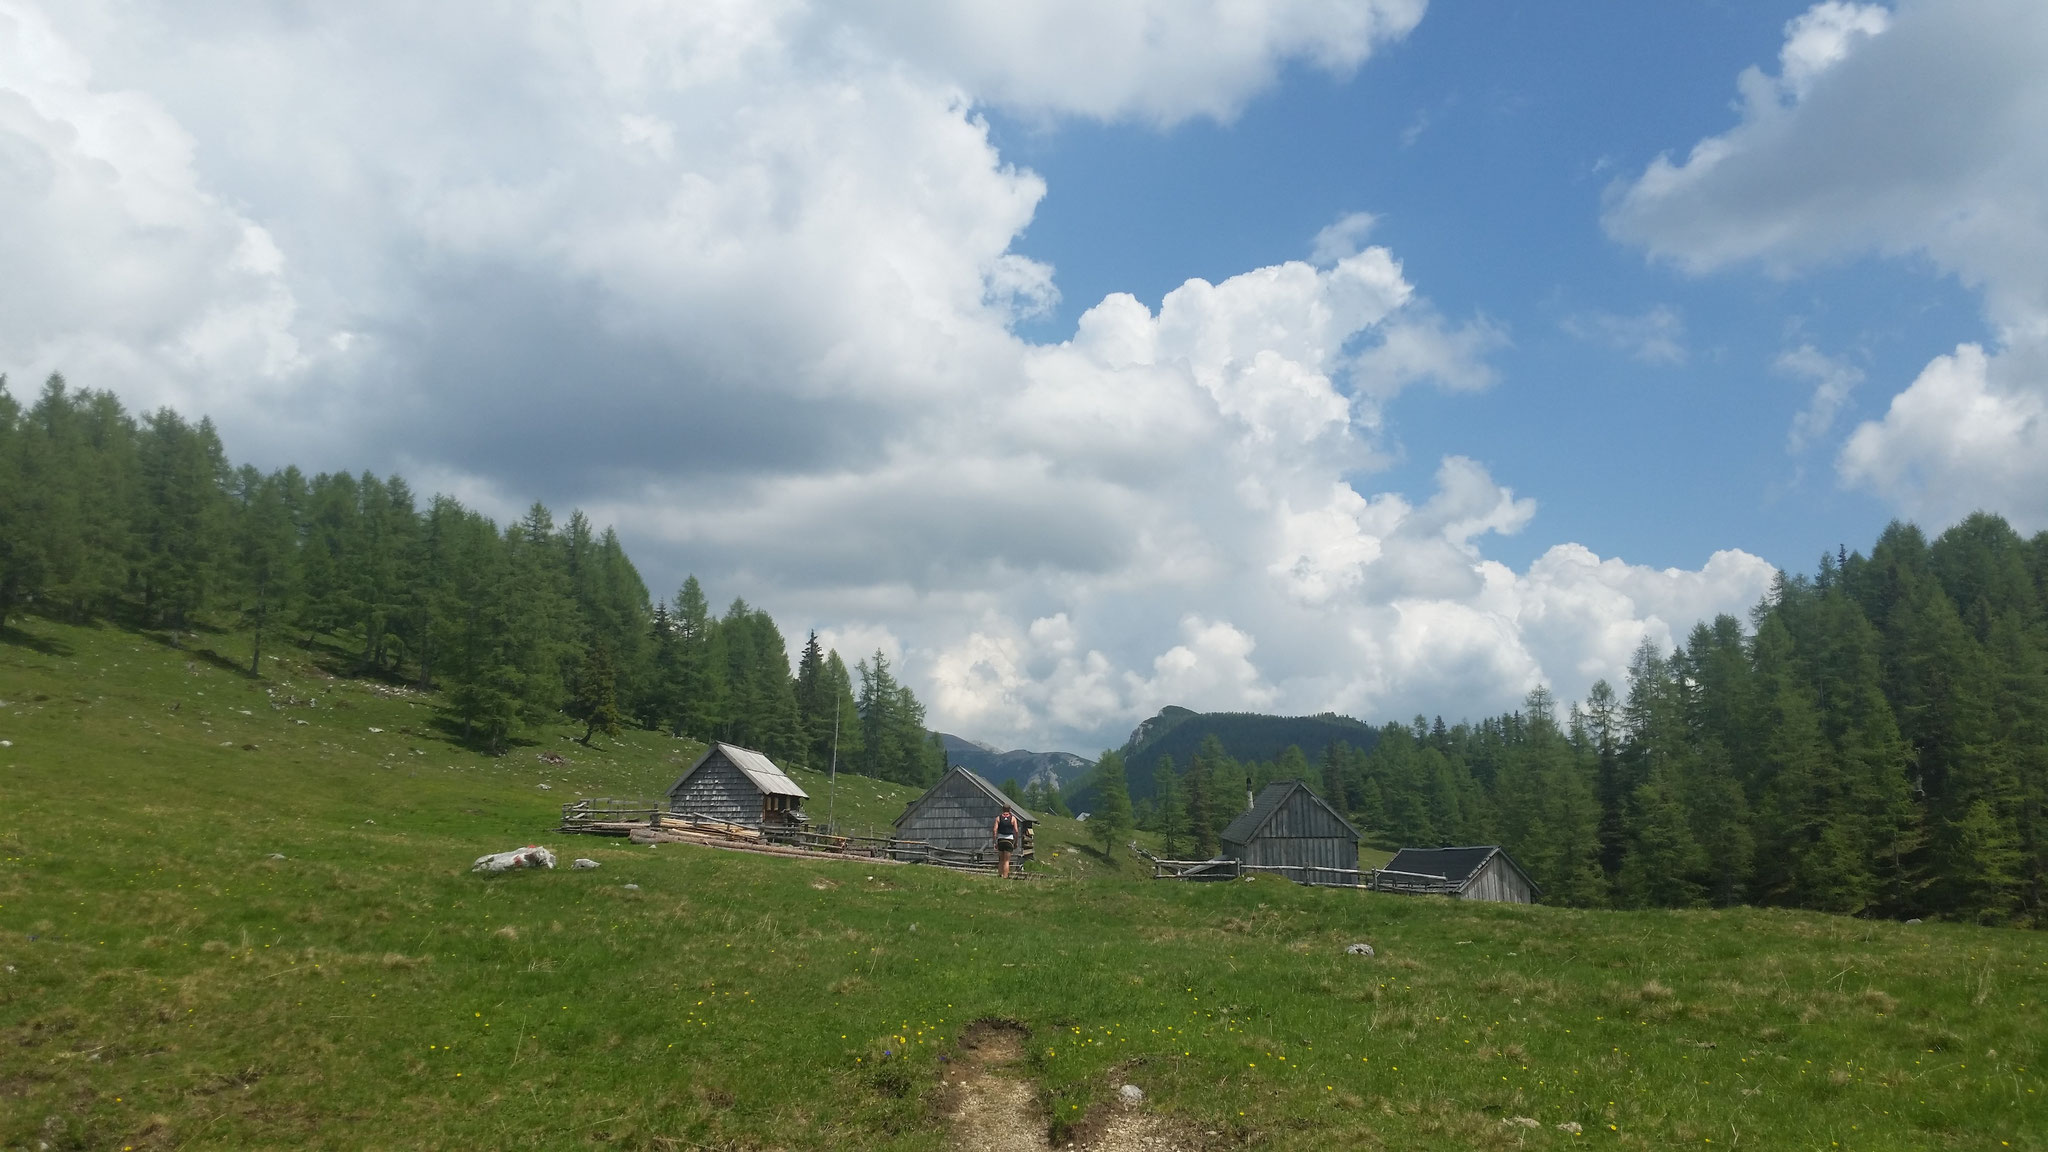 Interhütte (bewirtschaftet)